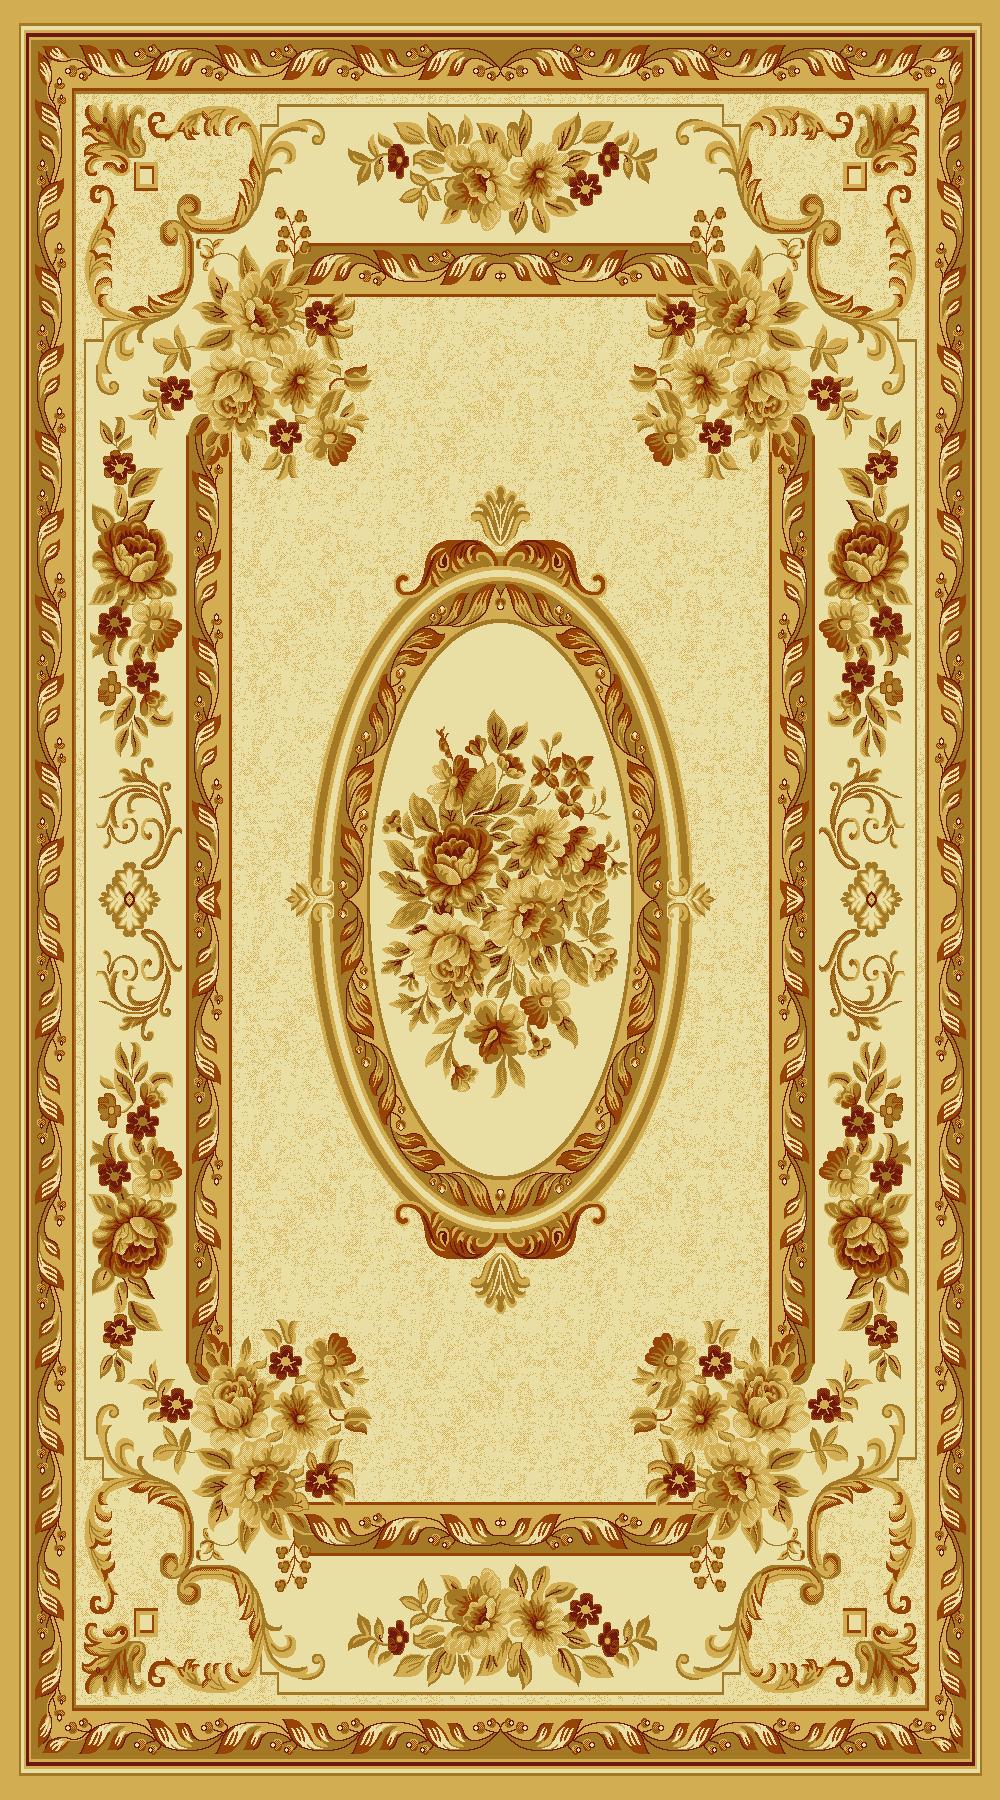 carpet design @ PixelJoint.com